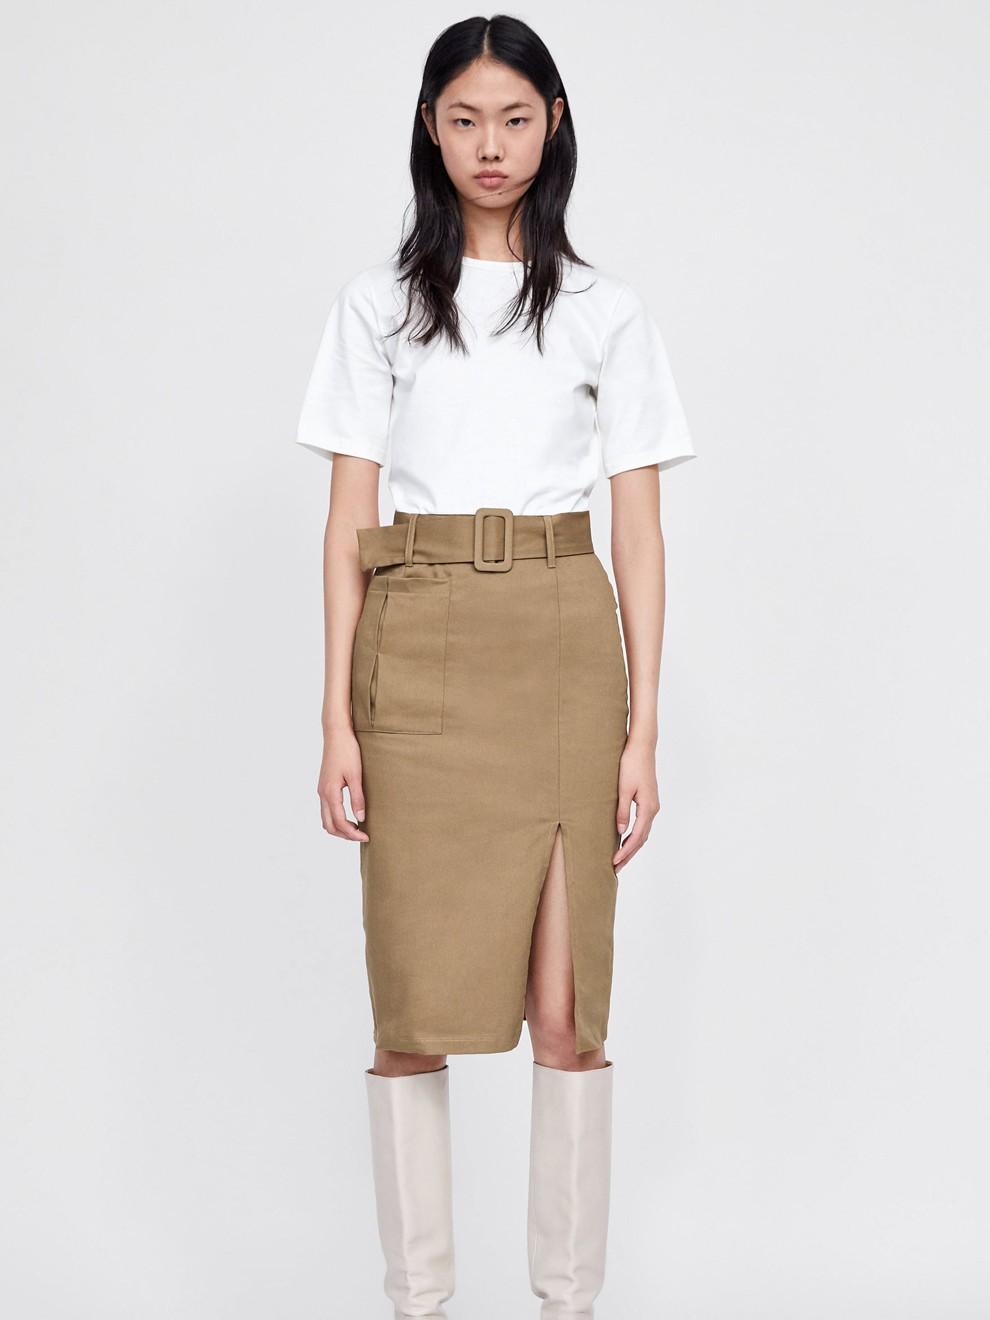 Falda midi con botas de Zara para ir a la oficina en 2019